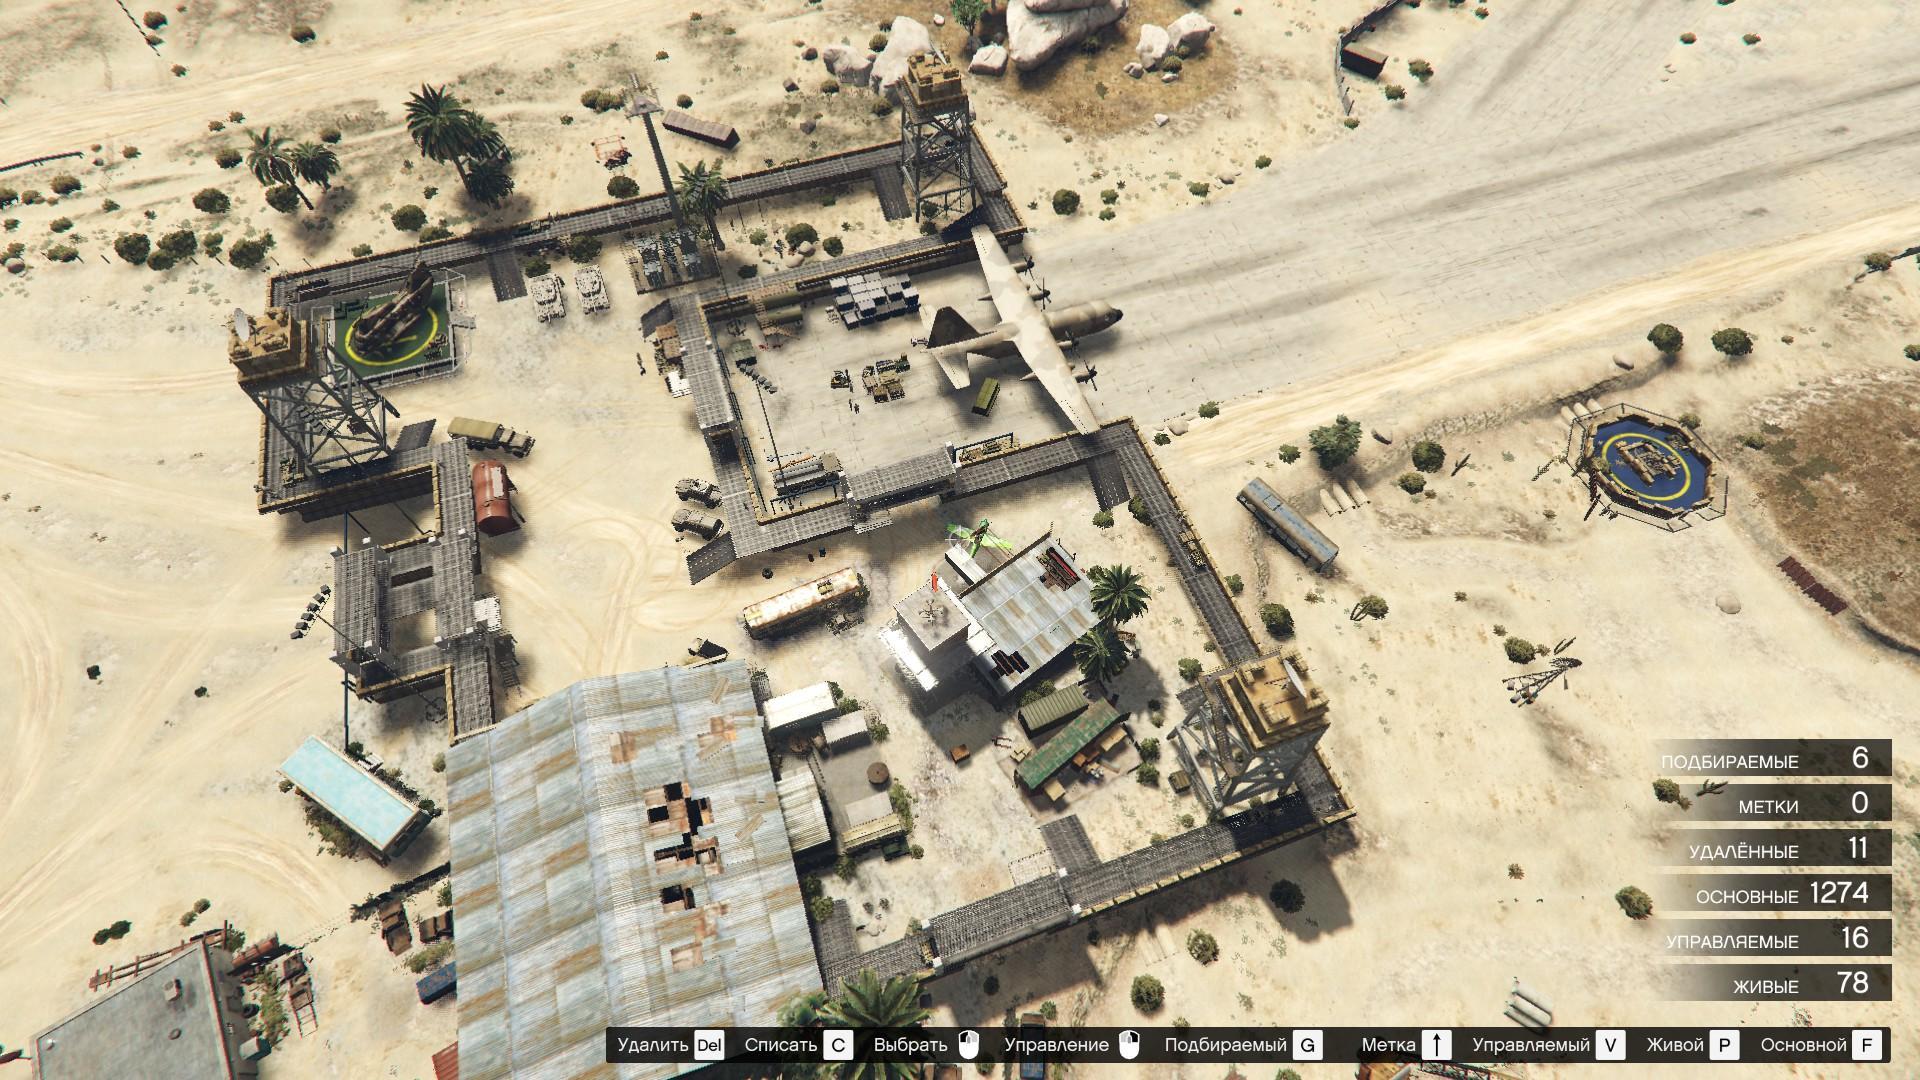 Başka bir harita dönüştürme modu olan modifiye askeri üs, zombi kıyameti sırasında operasyon merkeziniz olacak şekilde tasarlanmıştır. Oyuncular, kulelere veya bu kampın güçlendirilmiş duvarlarının arkasına sığınabilir. Oyuncuların emrinde bir RM-10 Bombushka uçağı da var. İçerideki araba atölyesi eşyaların hareket etmesini sağlar ve işler riskli olursa helikopter hızlı bir kaçış için kullanılabilir.